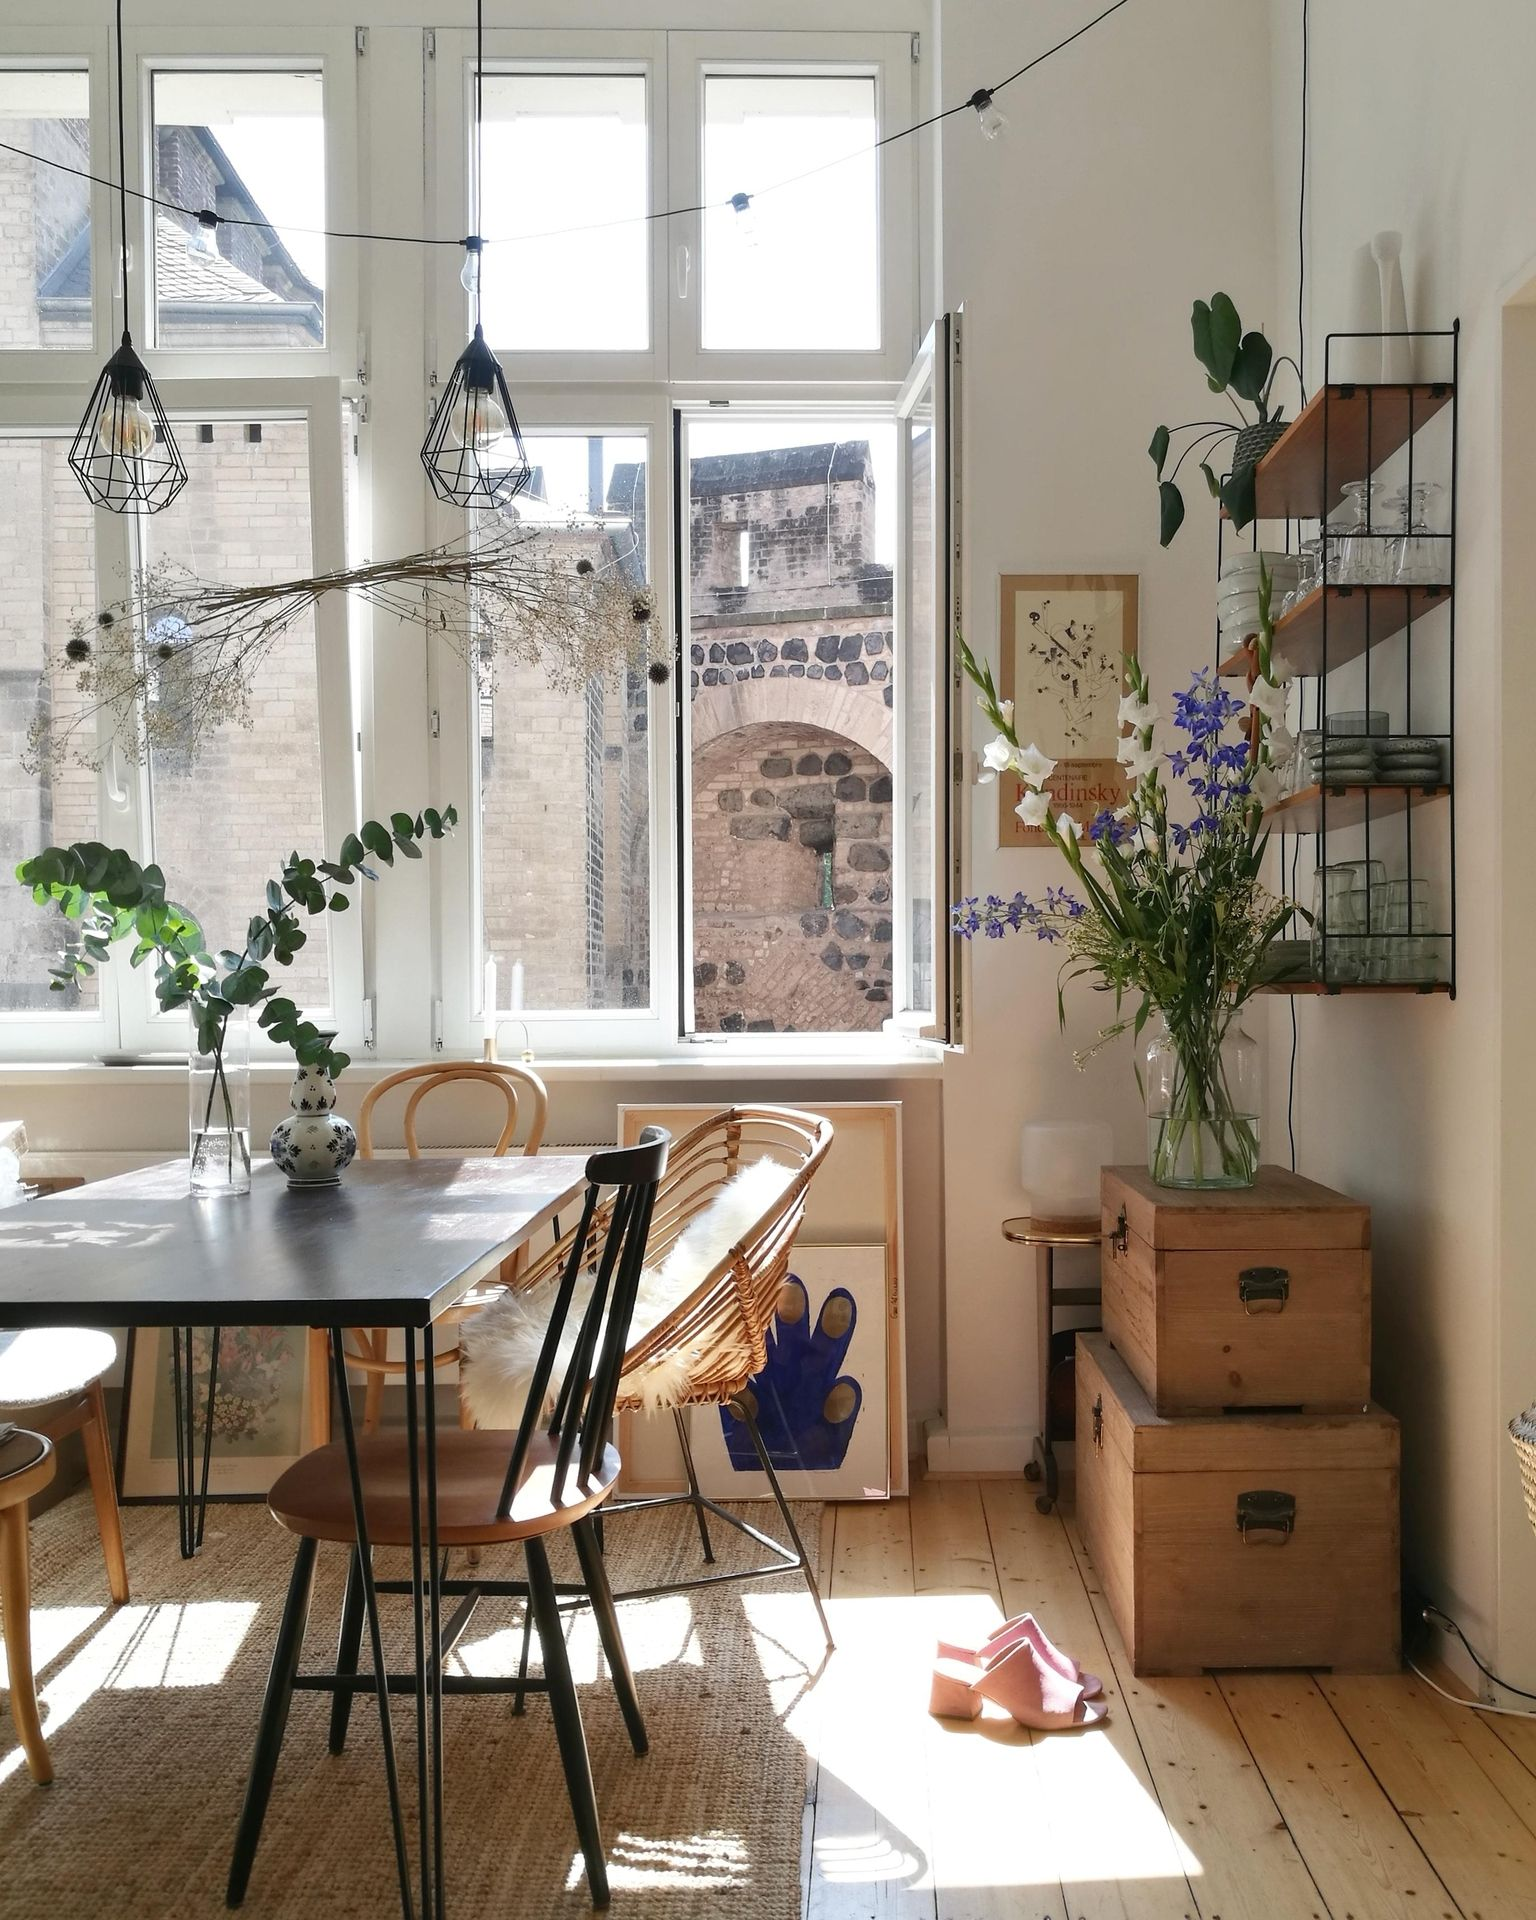 Einfaches haustürdesign küche esszimmer sonne altbau  rooms  pinterest  home home